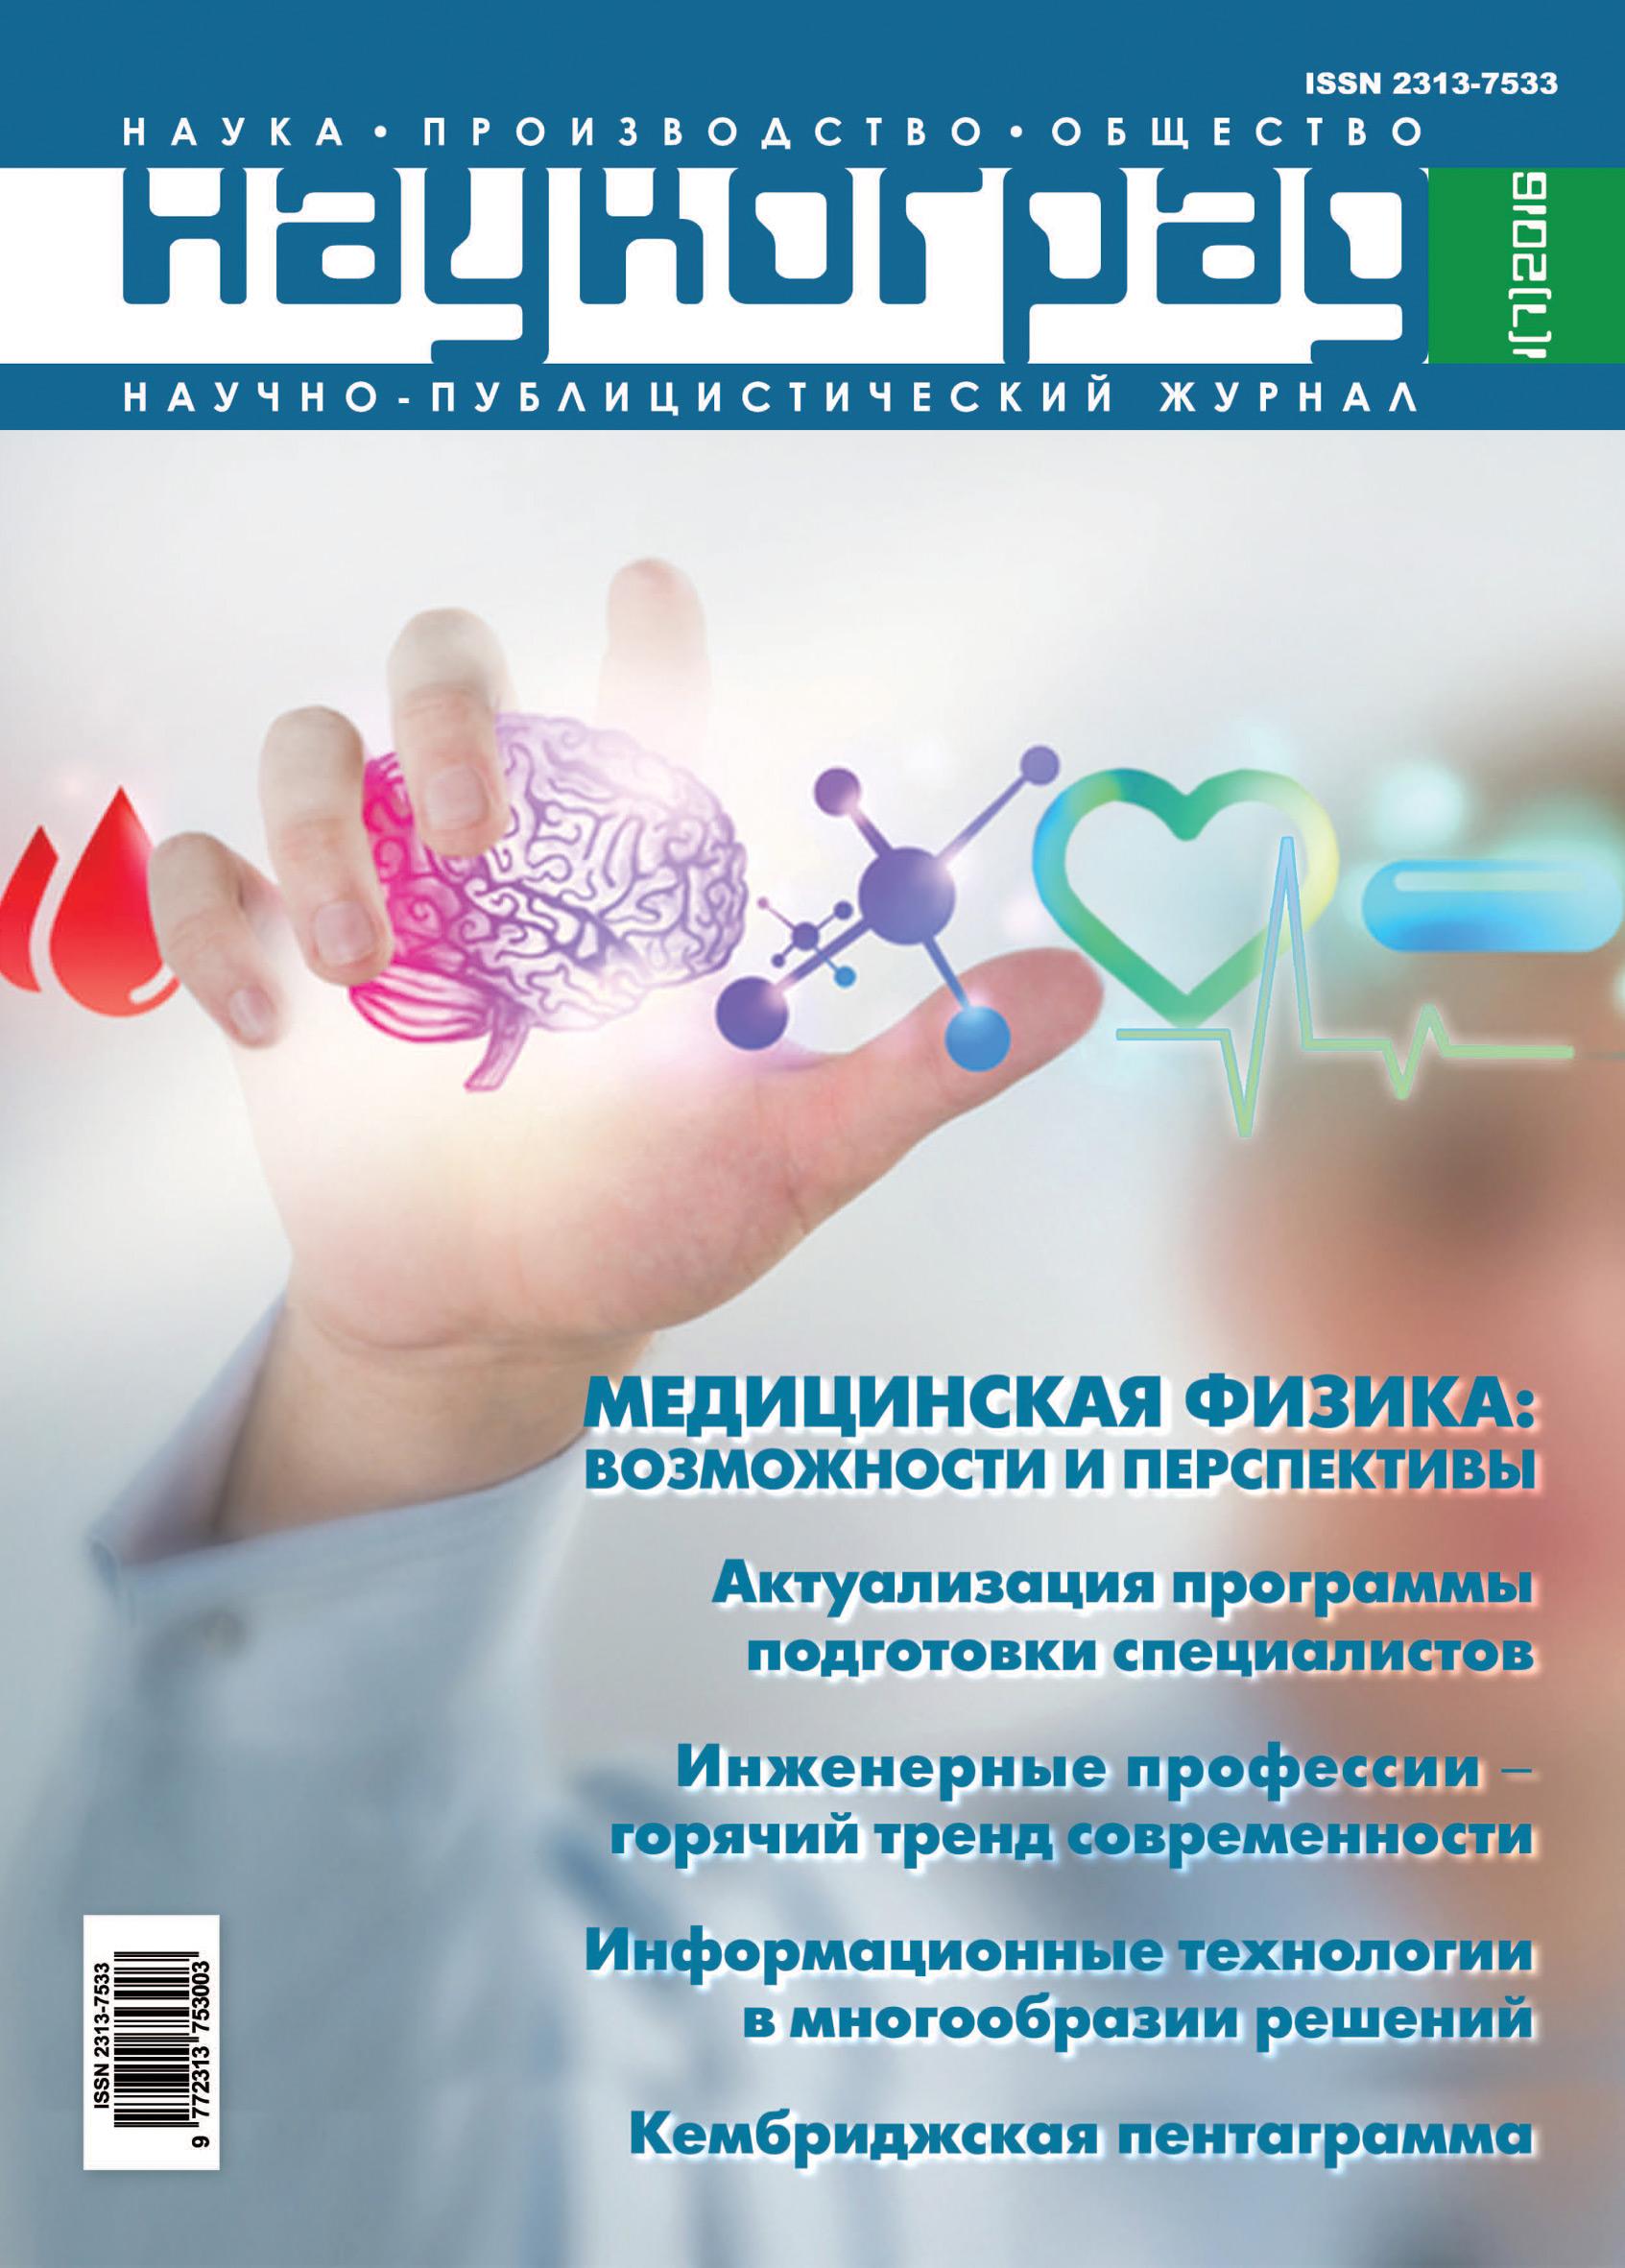 Отсутствует Наукоград: наука, производство и общество №1/2016